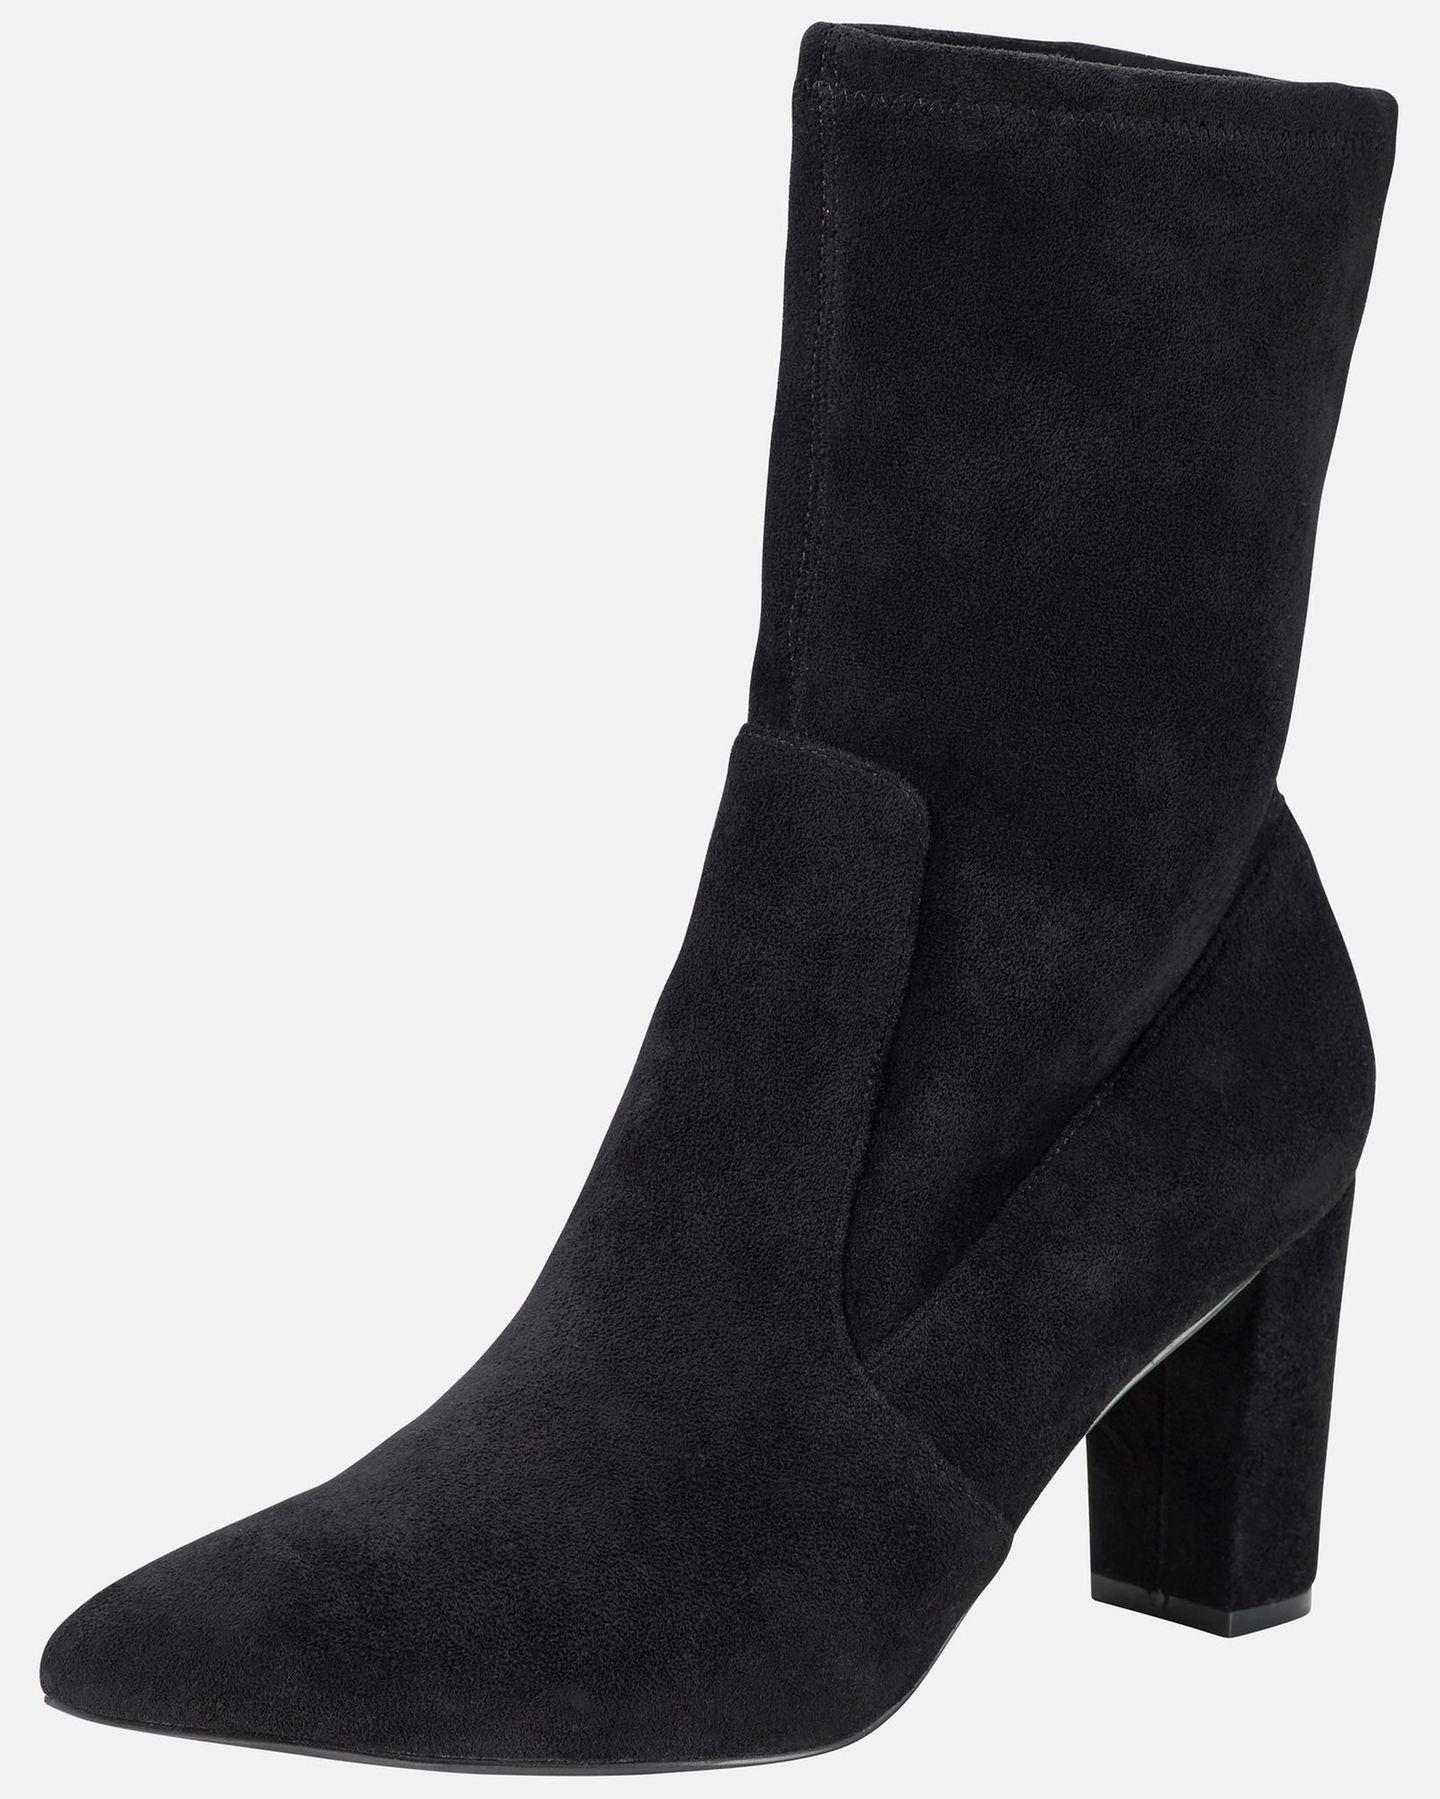 1 Style, 2 Looks: Sockboots